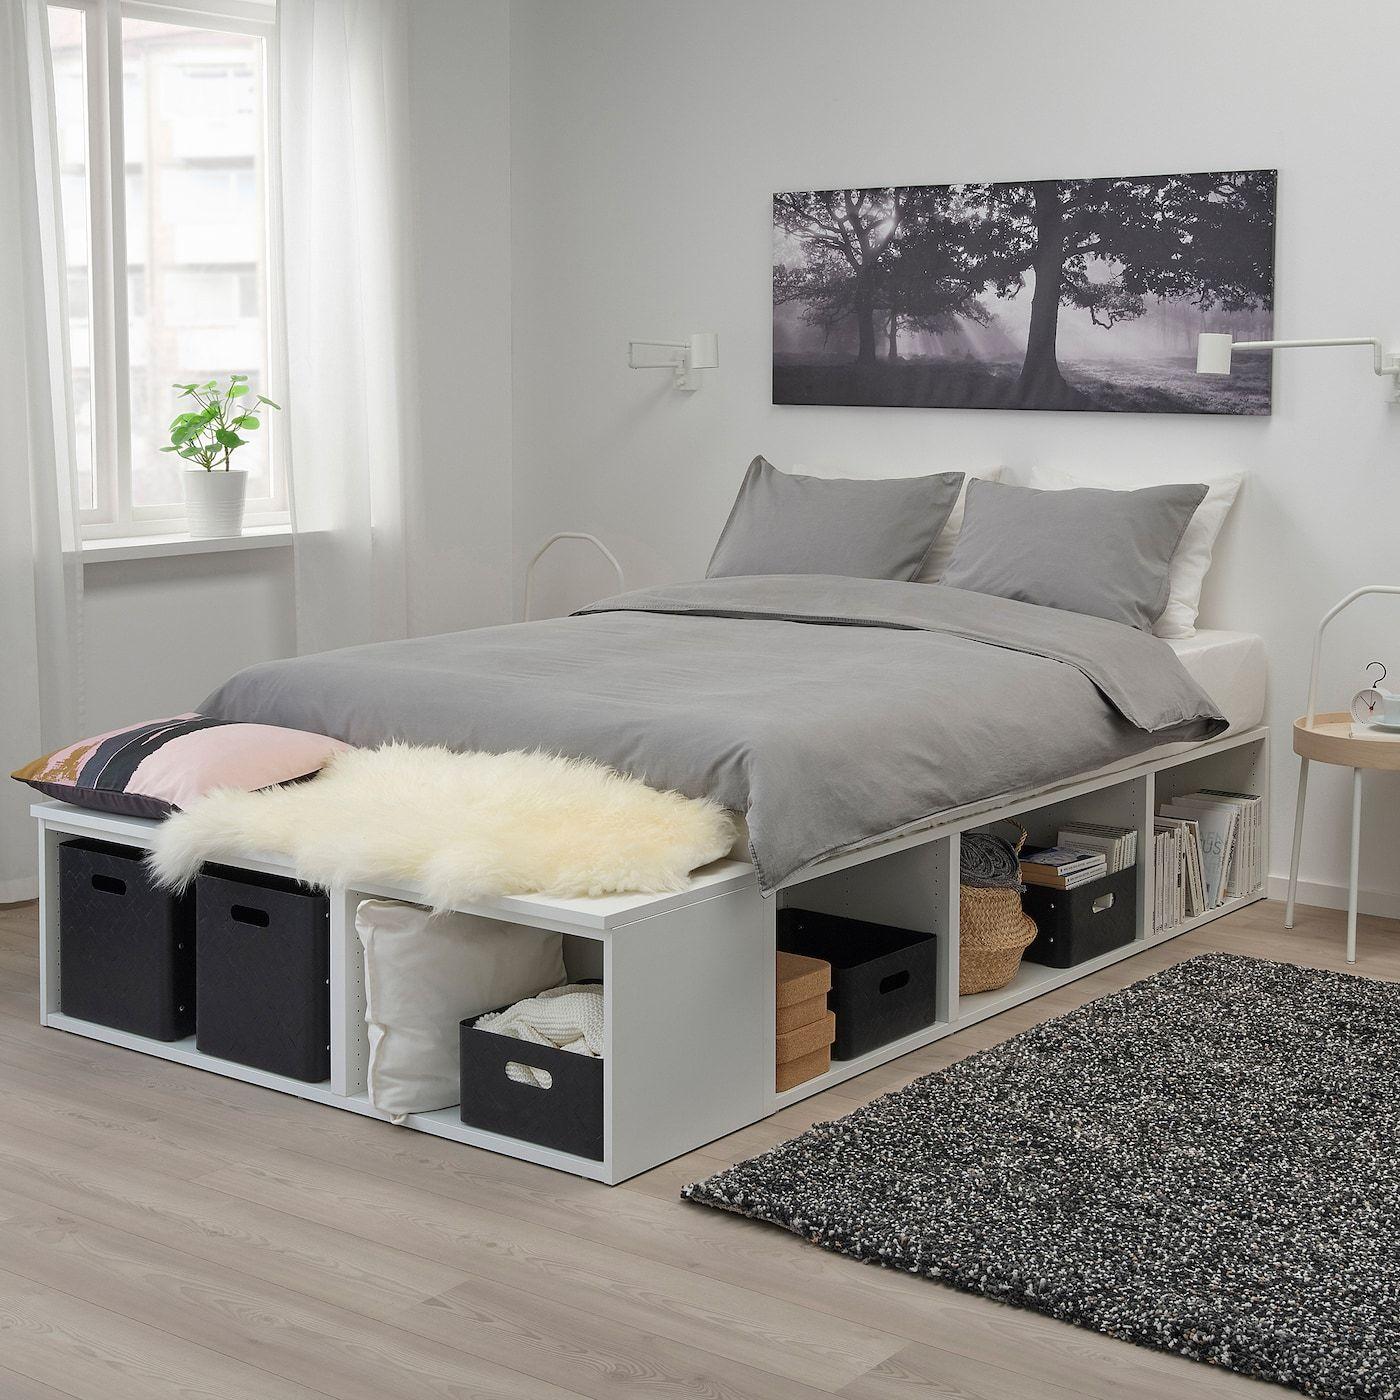 Platsa Bettgestell Mit Aufbewahrung Weiss In Den Warenkorb Legen Ikea Deutschland Ikea Bed Frames Bed Frame With Storage Ikea Bed